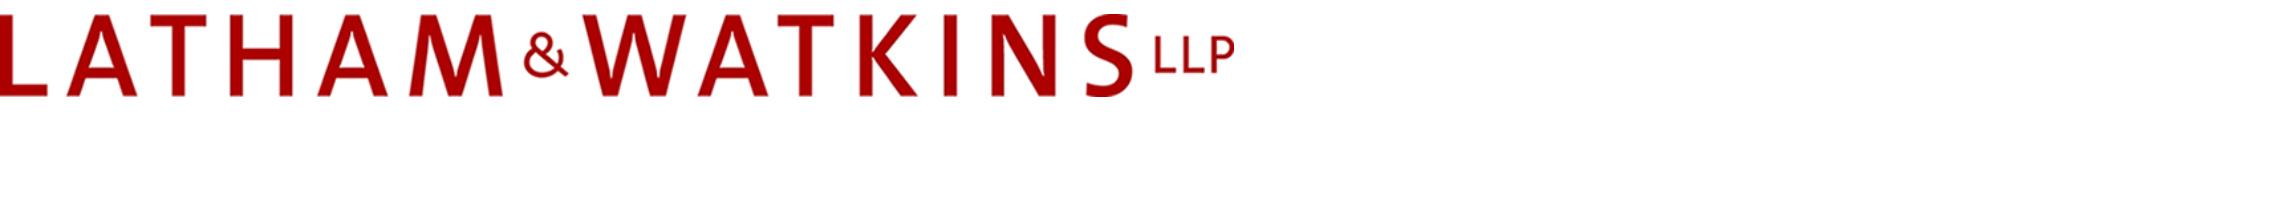 https://cdn.kscope.io/517e681b462d7856b33f91cc1cc0c0bc-logo1b1.jpg